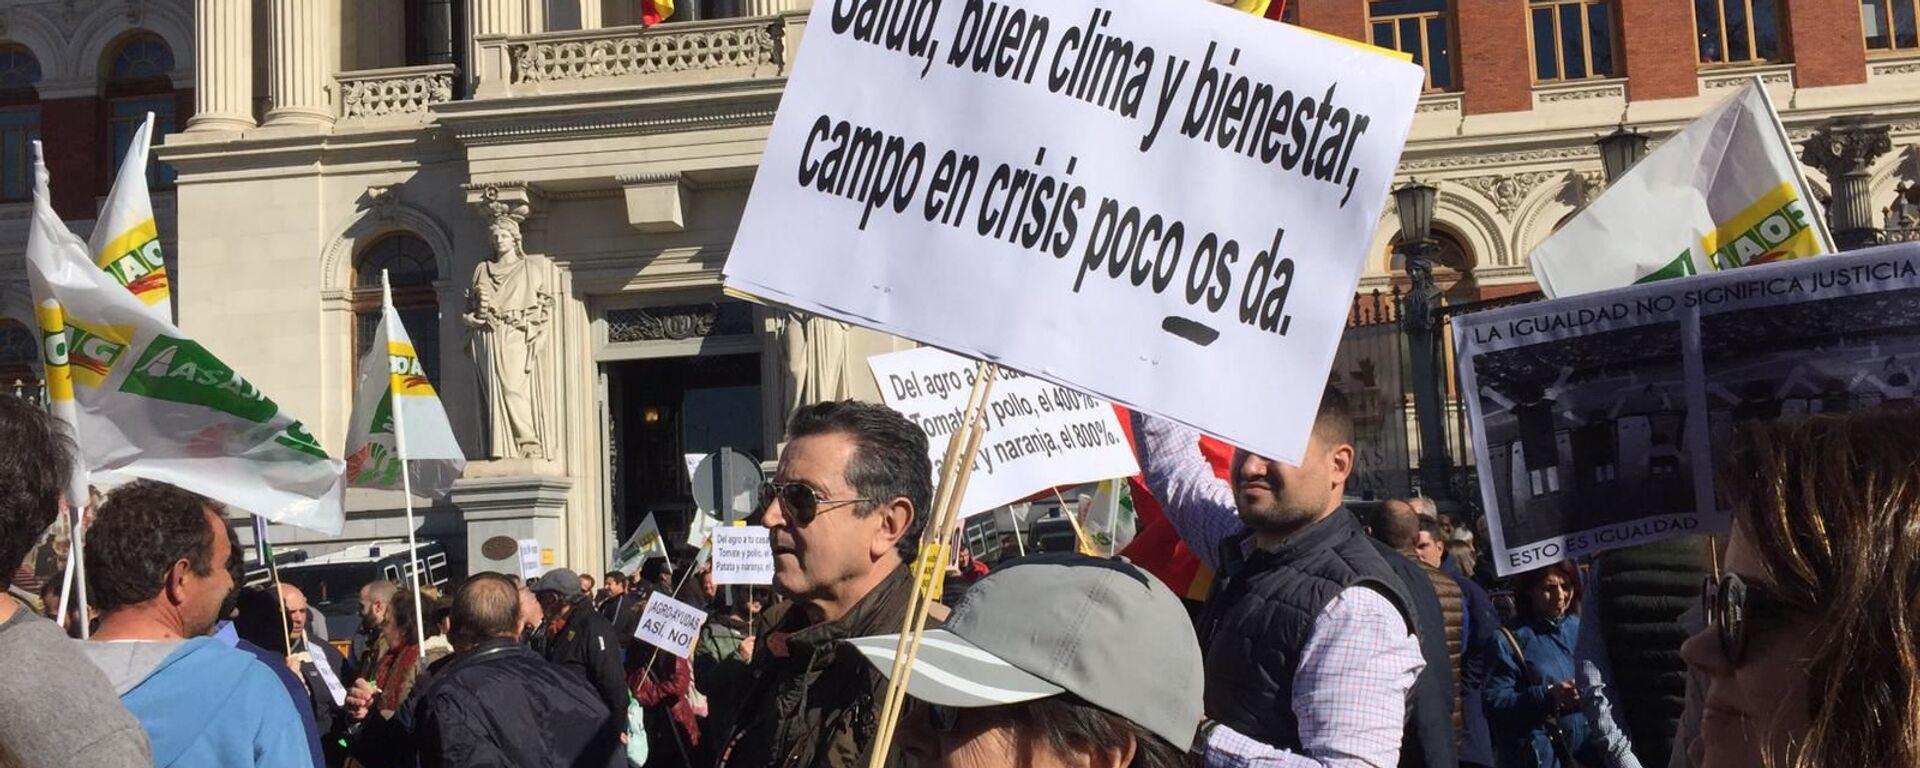 Los agricultores y ganaderos de España protagonizan una nueva jornada de protestas - Sputnik Mundo, 1920, 27.02.2020